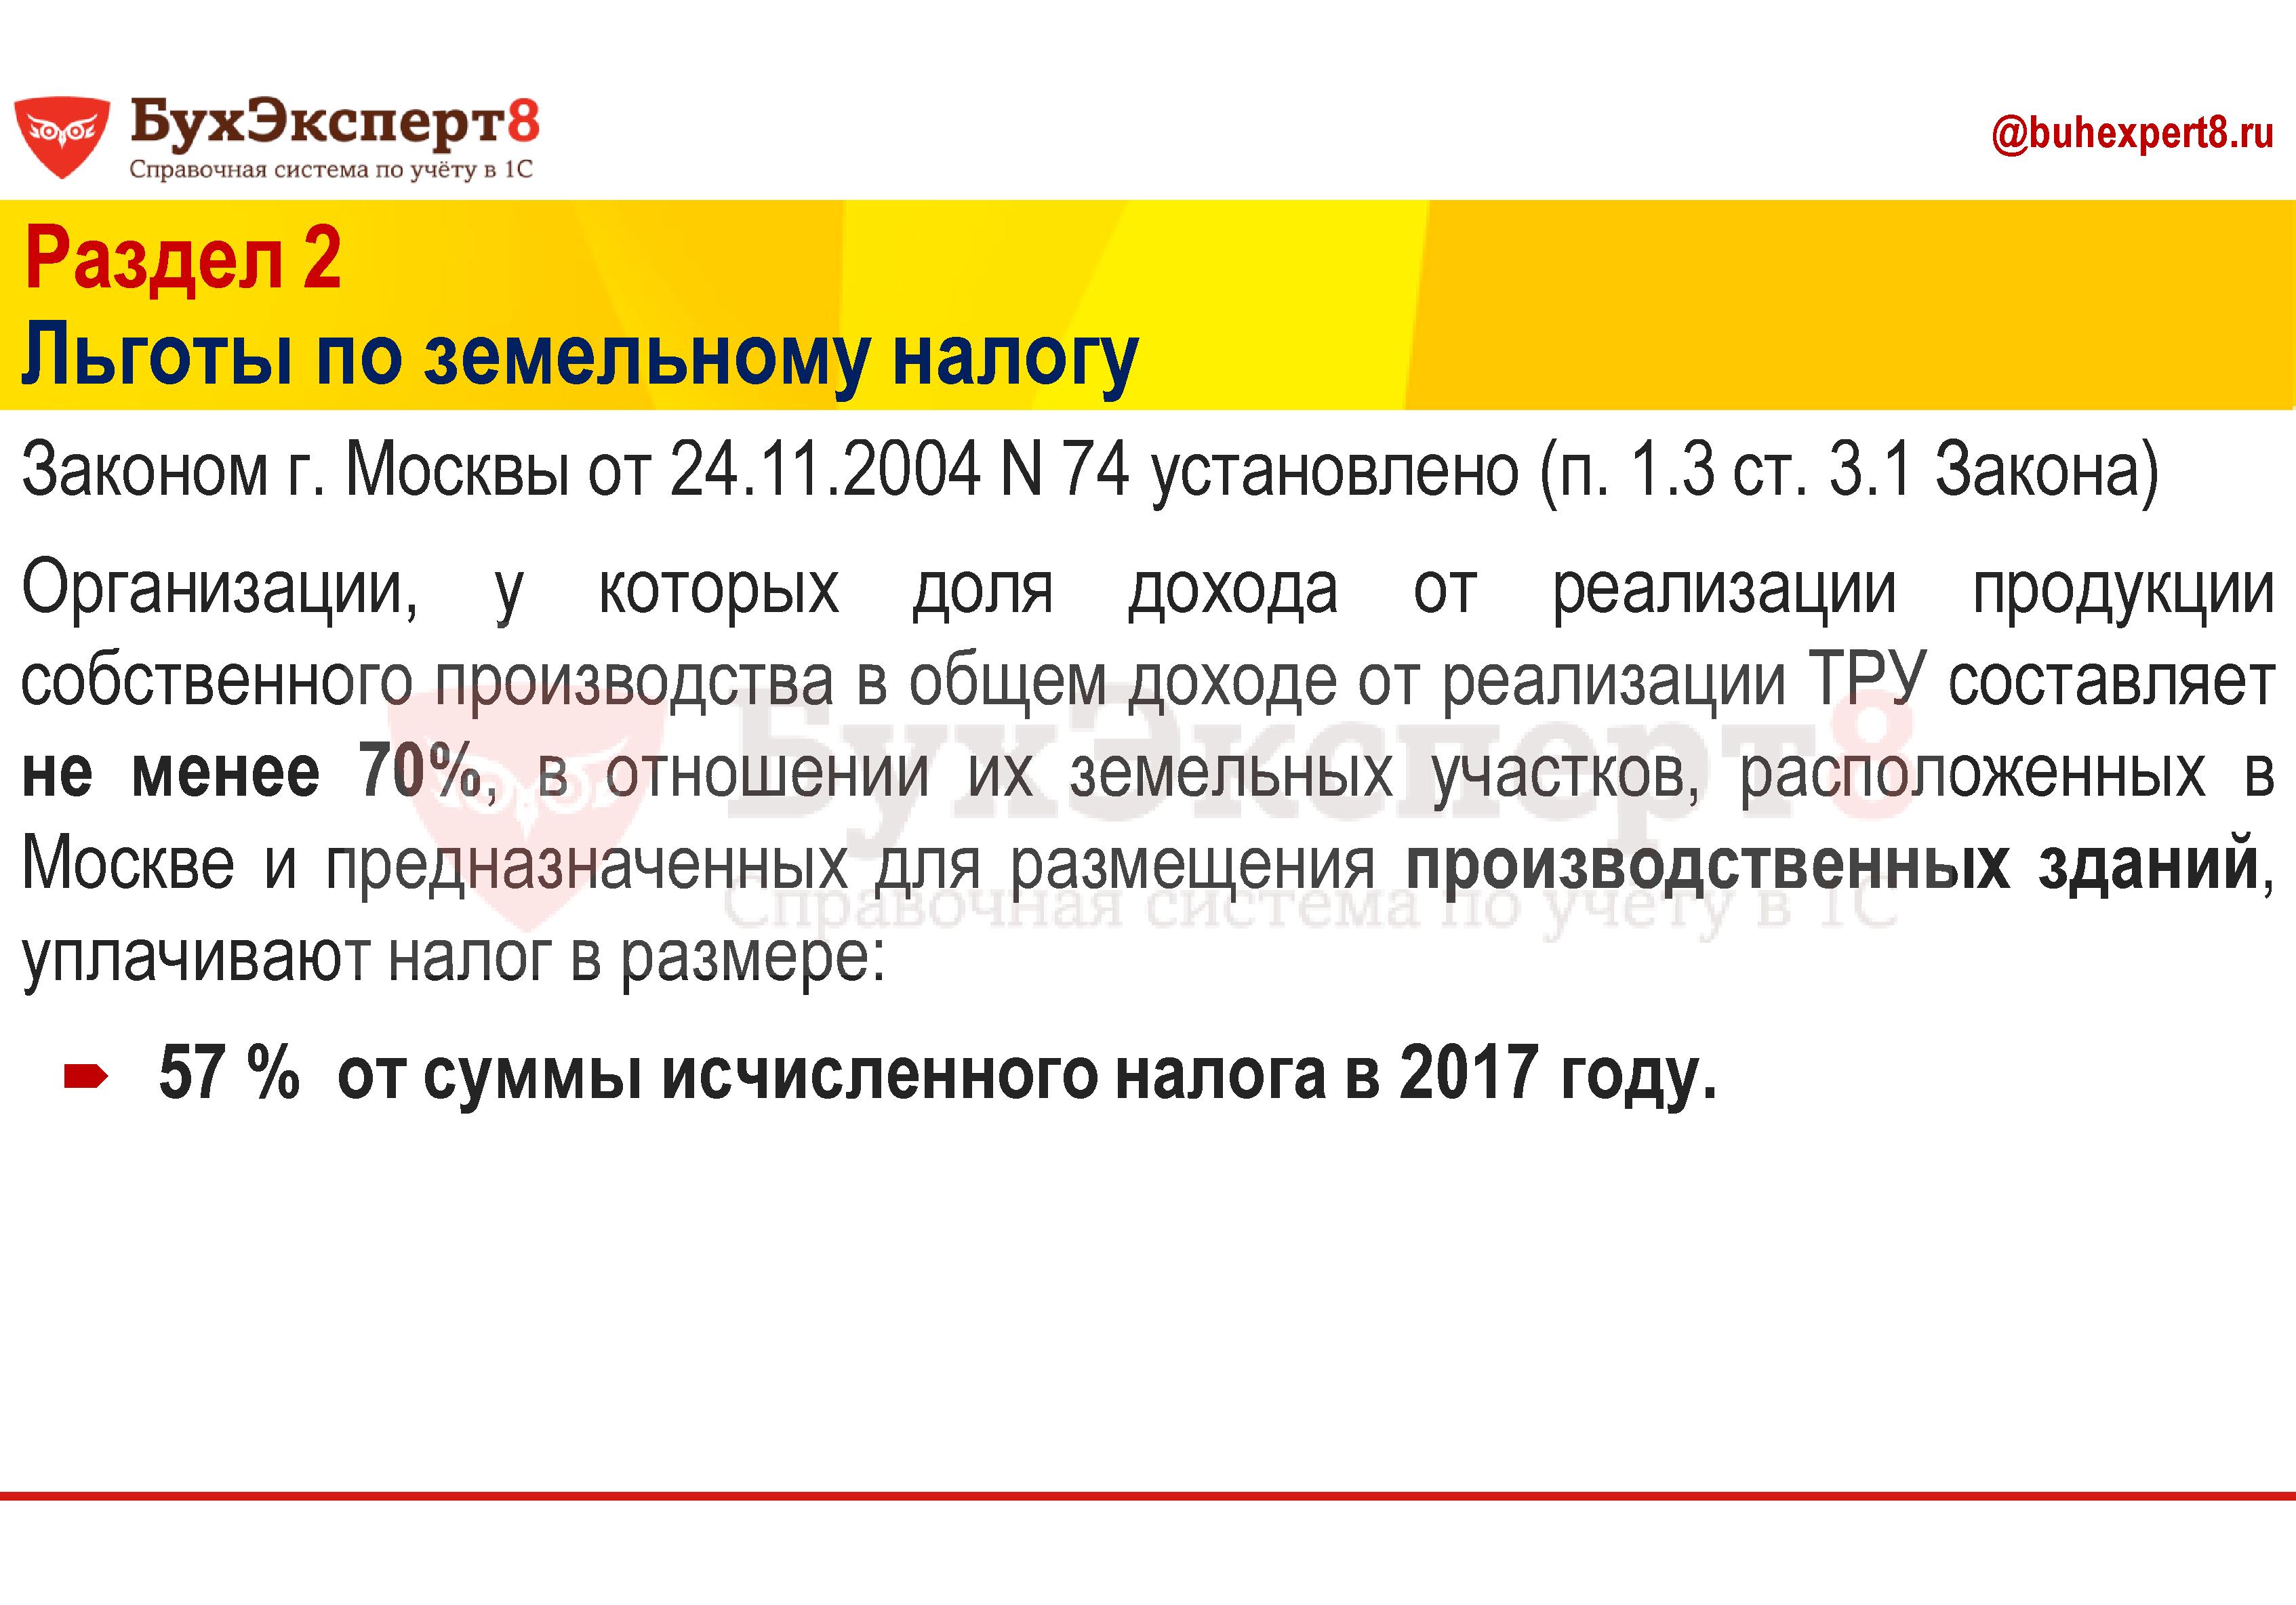 Раздел 2 Льготы по земельному налогу Законом г. Москвы от 24.11.2004 N 74 установлено (п. 1.3 ст. 3.1 Закона) Организации, у которых доля дохода от реализации продукции собственного производства в общем доходе от реализации ТРУ составляет не менее 70%, в отношении их земельных участков, расположенных в Москве и предназначенных для размещения производственных зданий, уплачивают налог в размере: 57 % от суммы исчисленного налога в 2017 году.